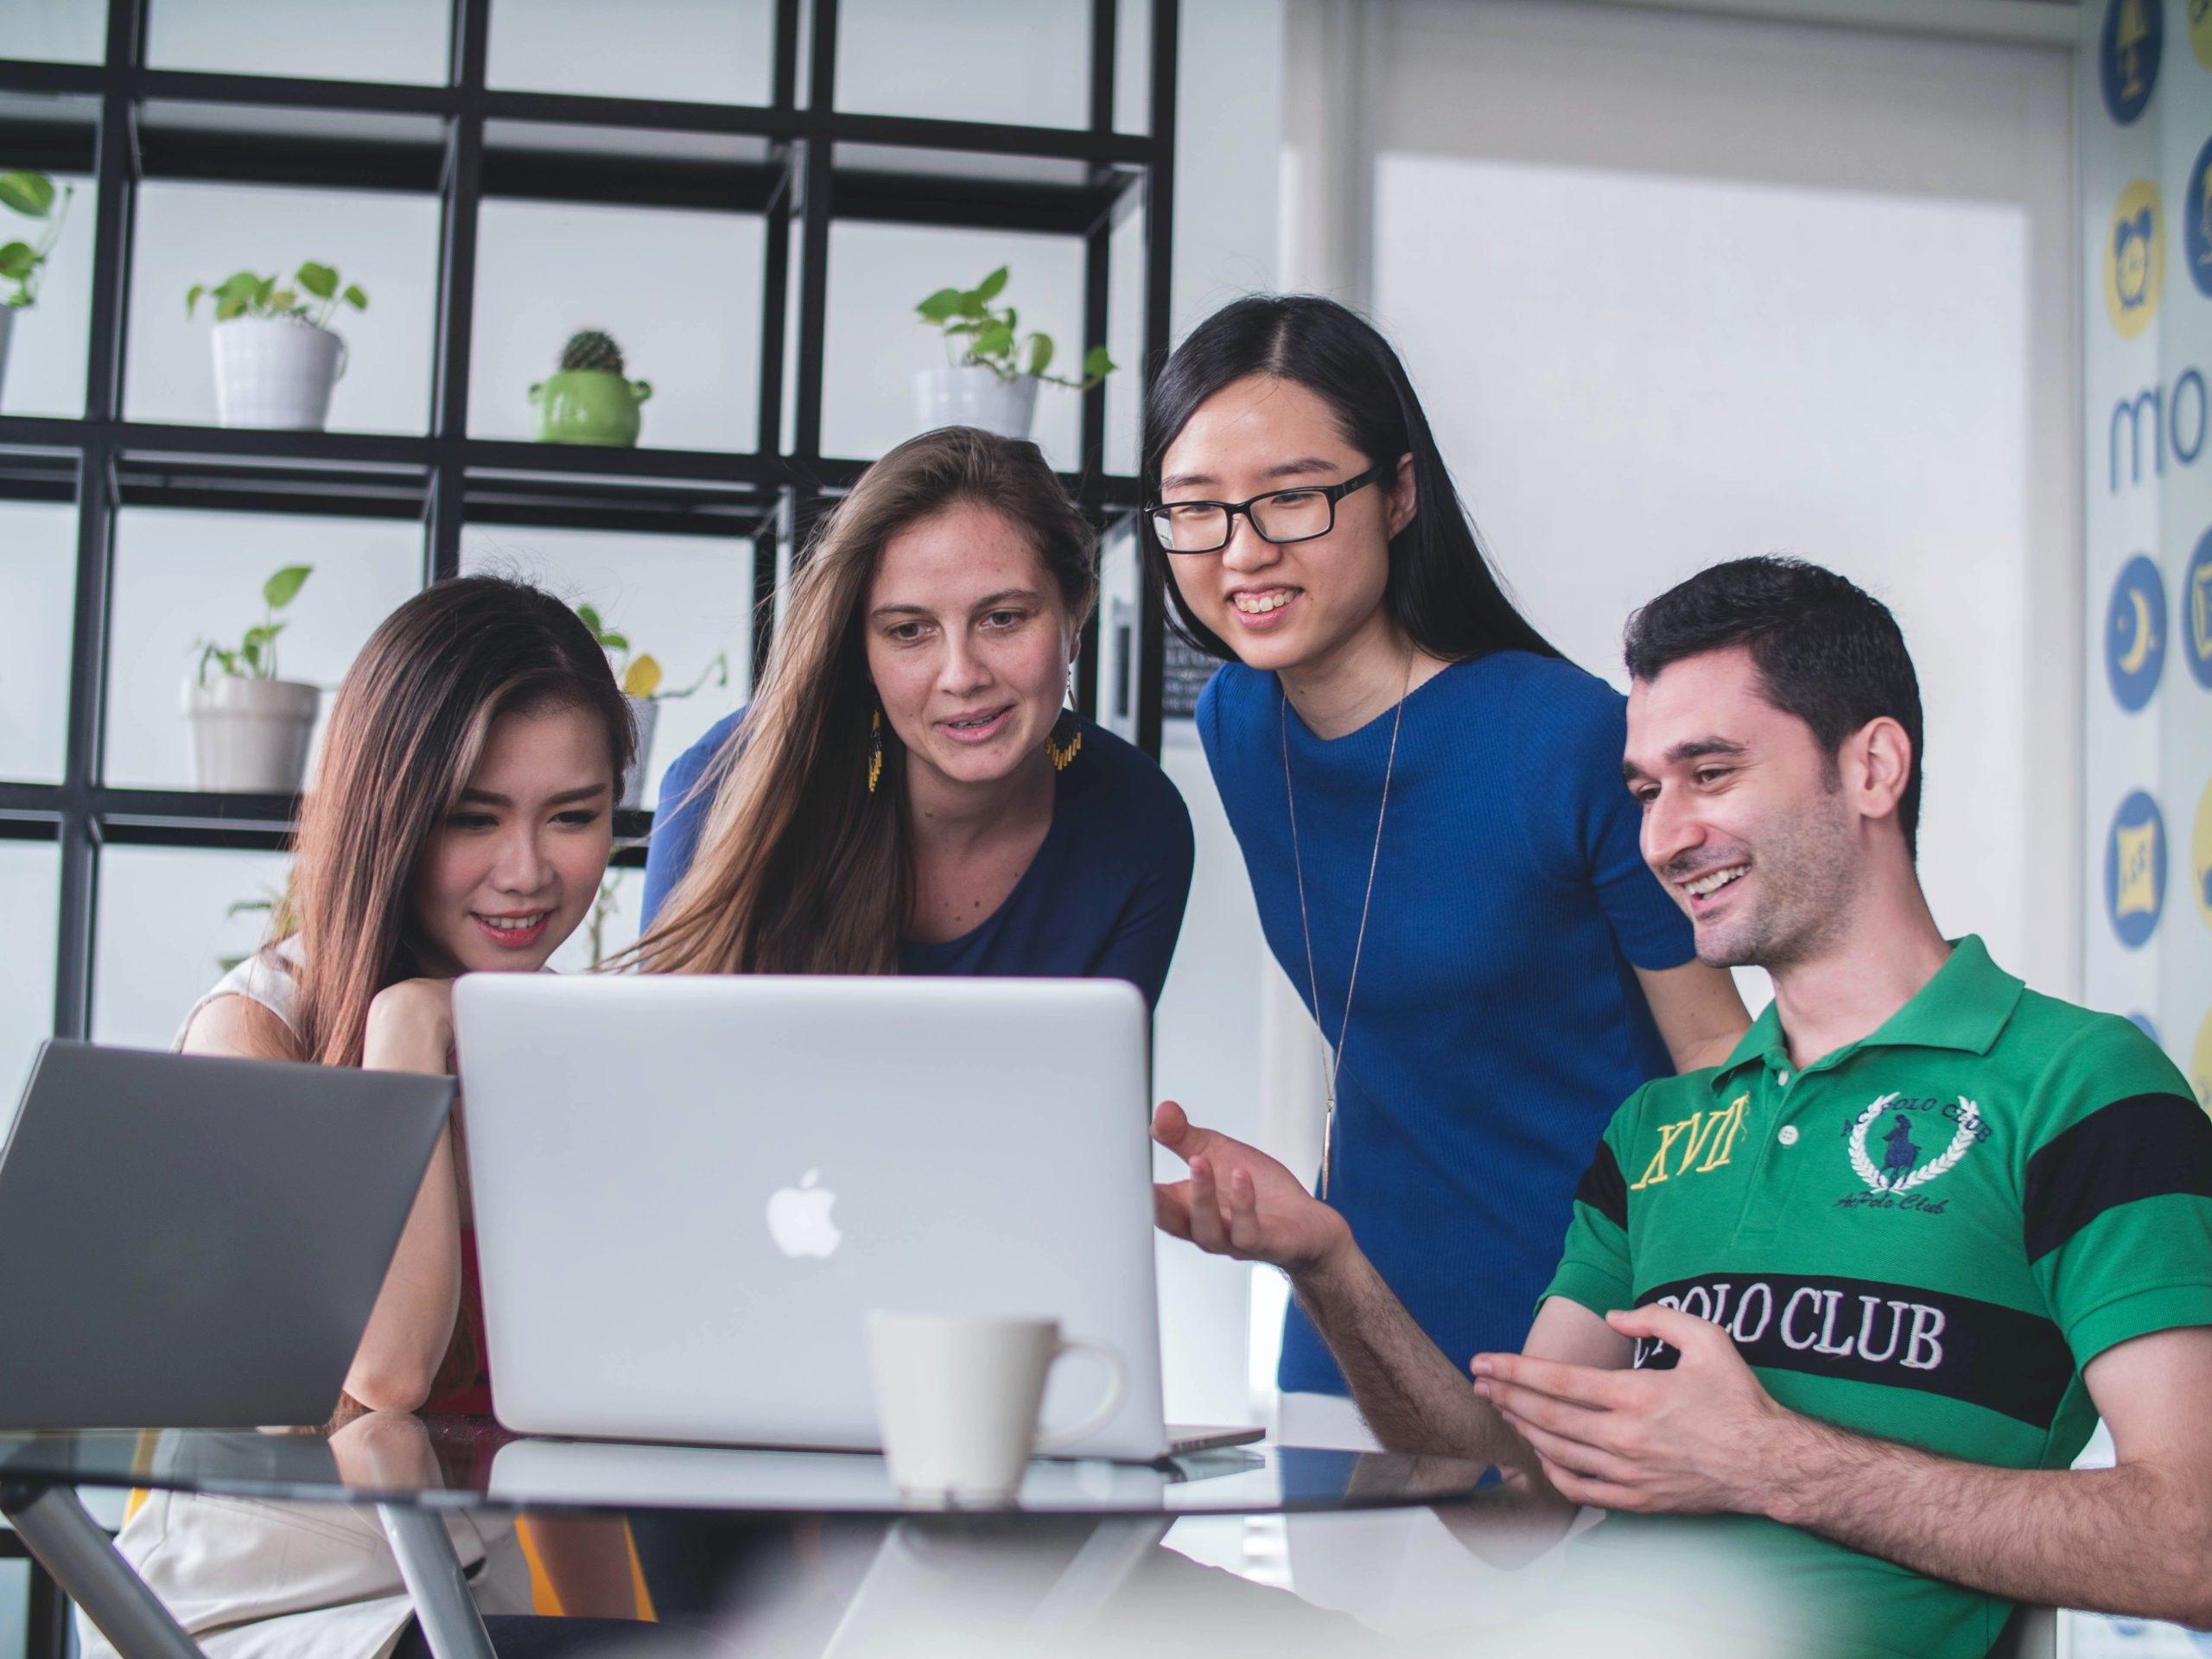 『働く人のための、自分と仕事と職場の人との関係性が楽になるコミュニケーション講座』を開講します。